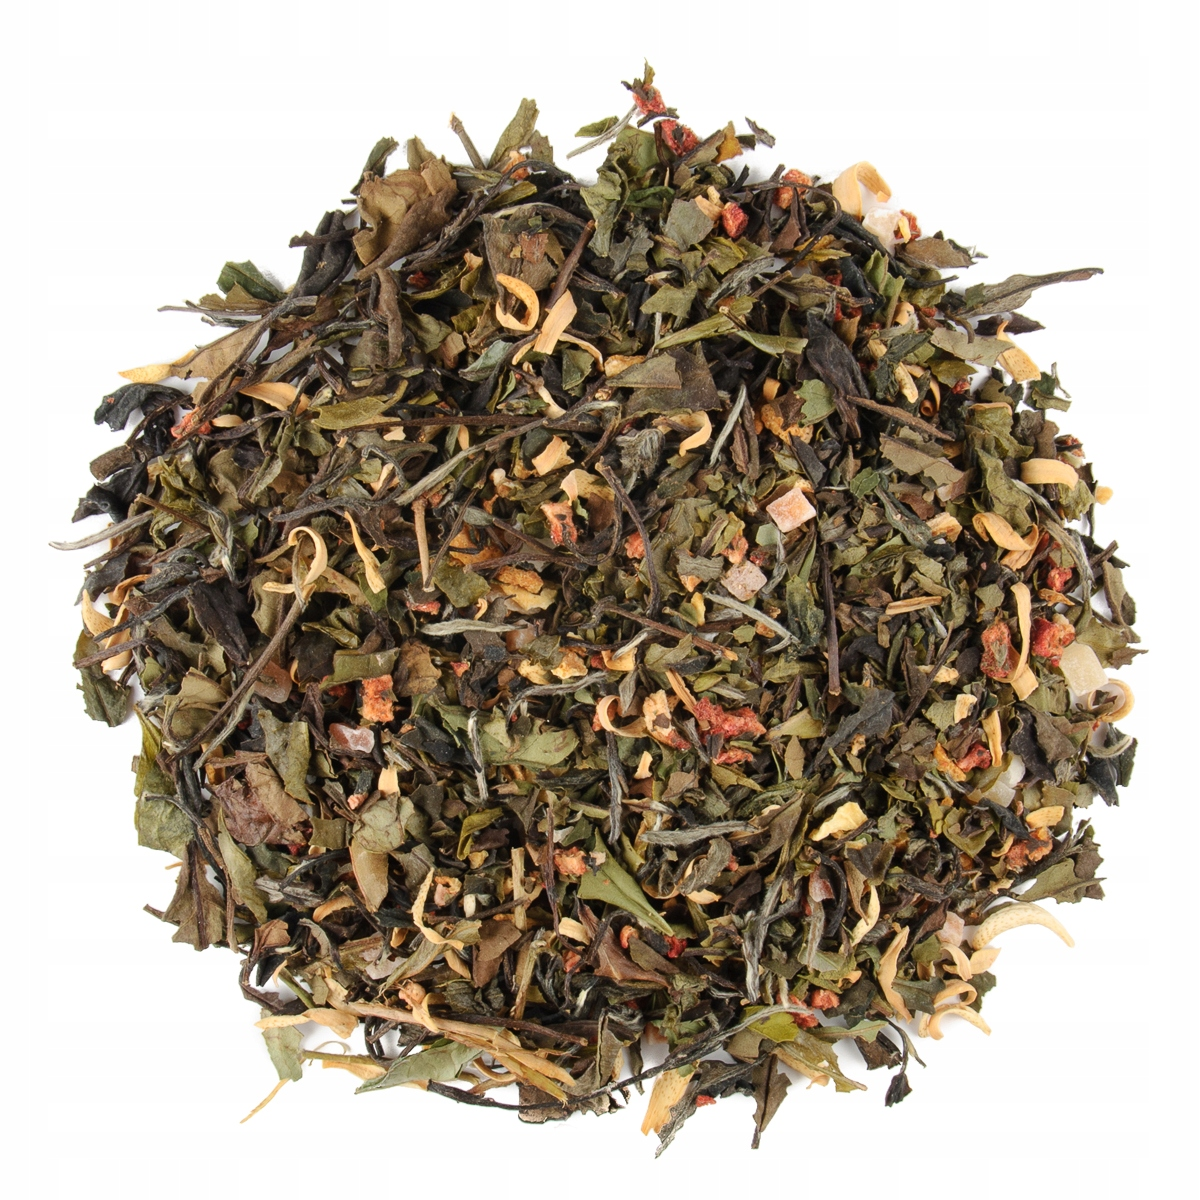 Biely čaj 0,5 kg Biele, Ľadový Čaj